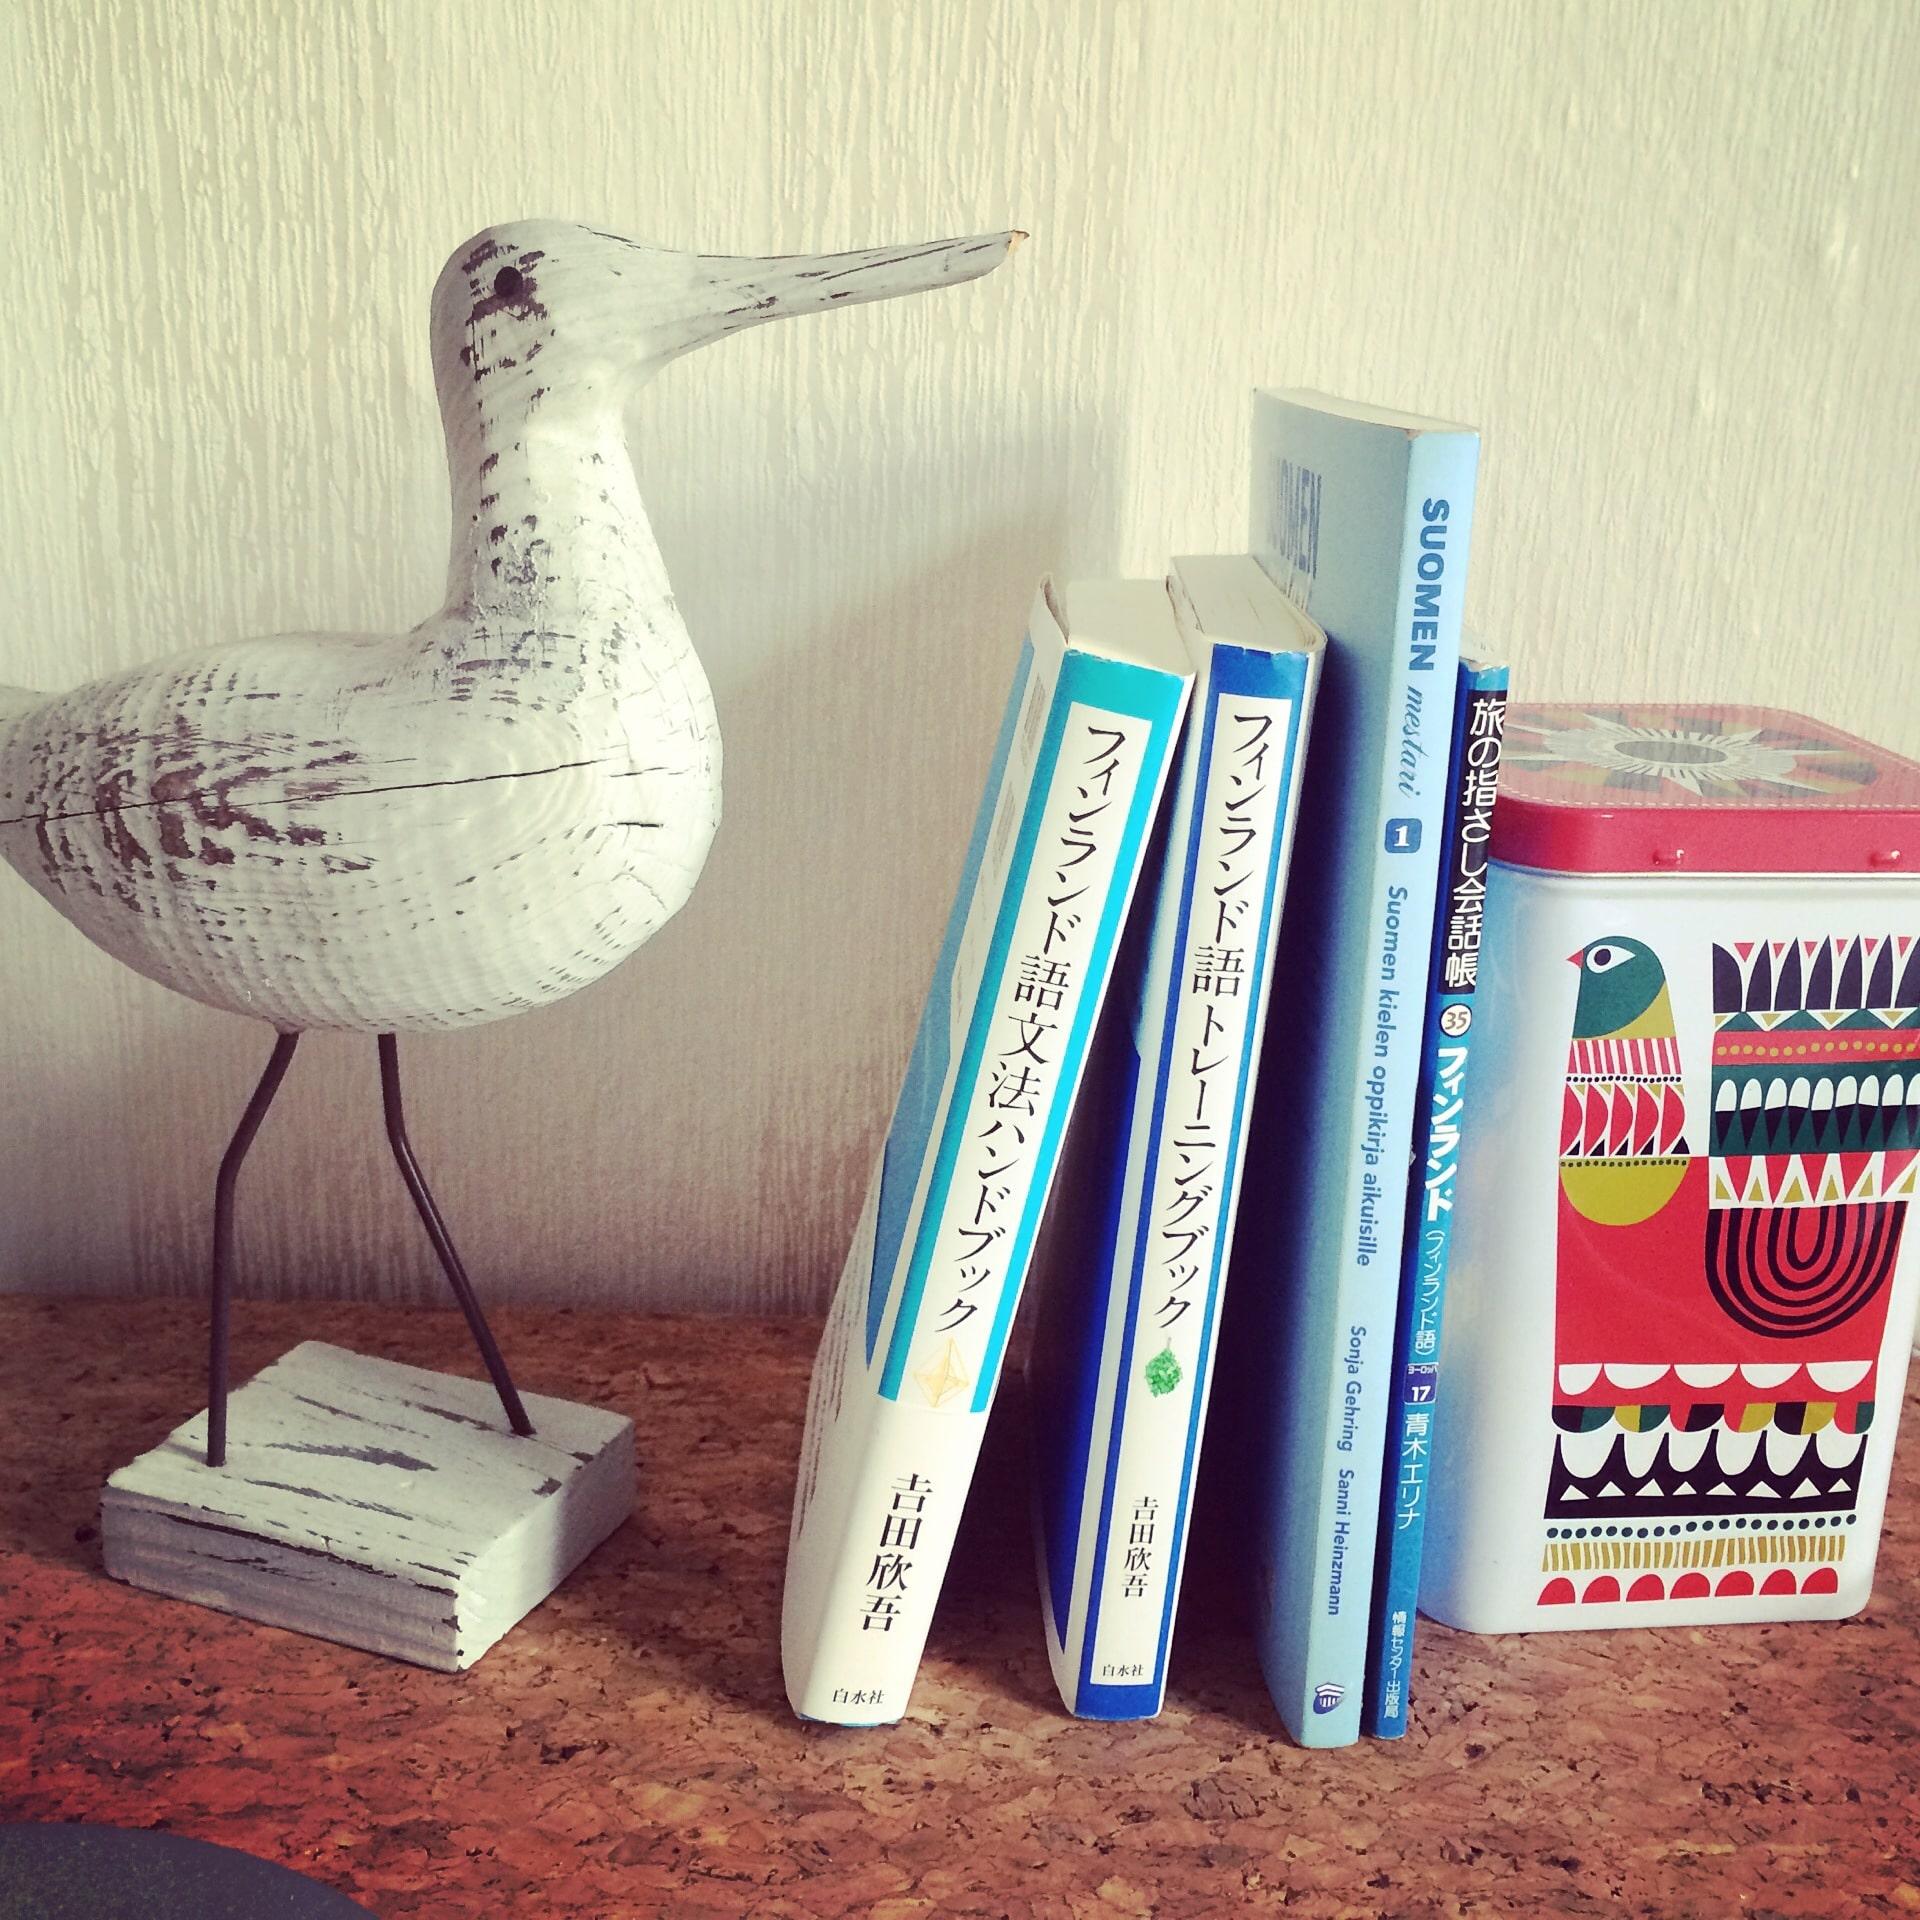 フィンランド語を学ぶならこの本が役に立つ!【おすすめ書籍を5冊厳選!】